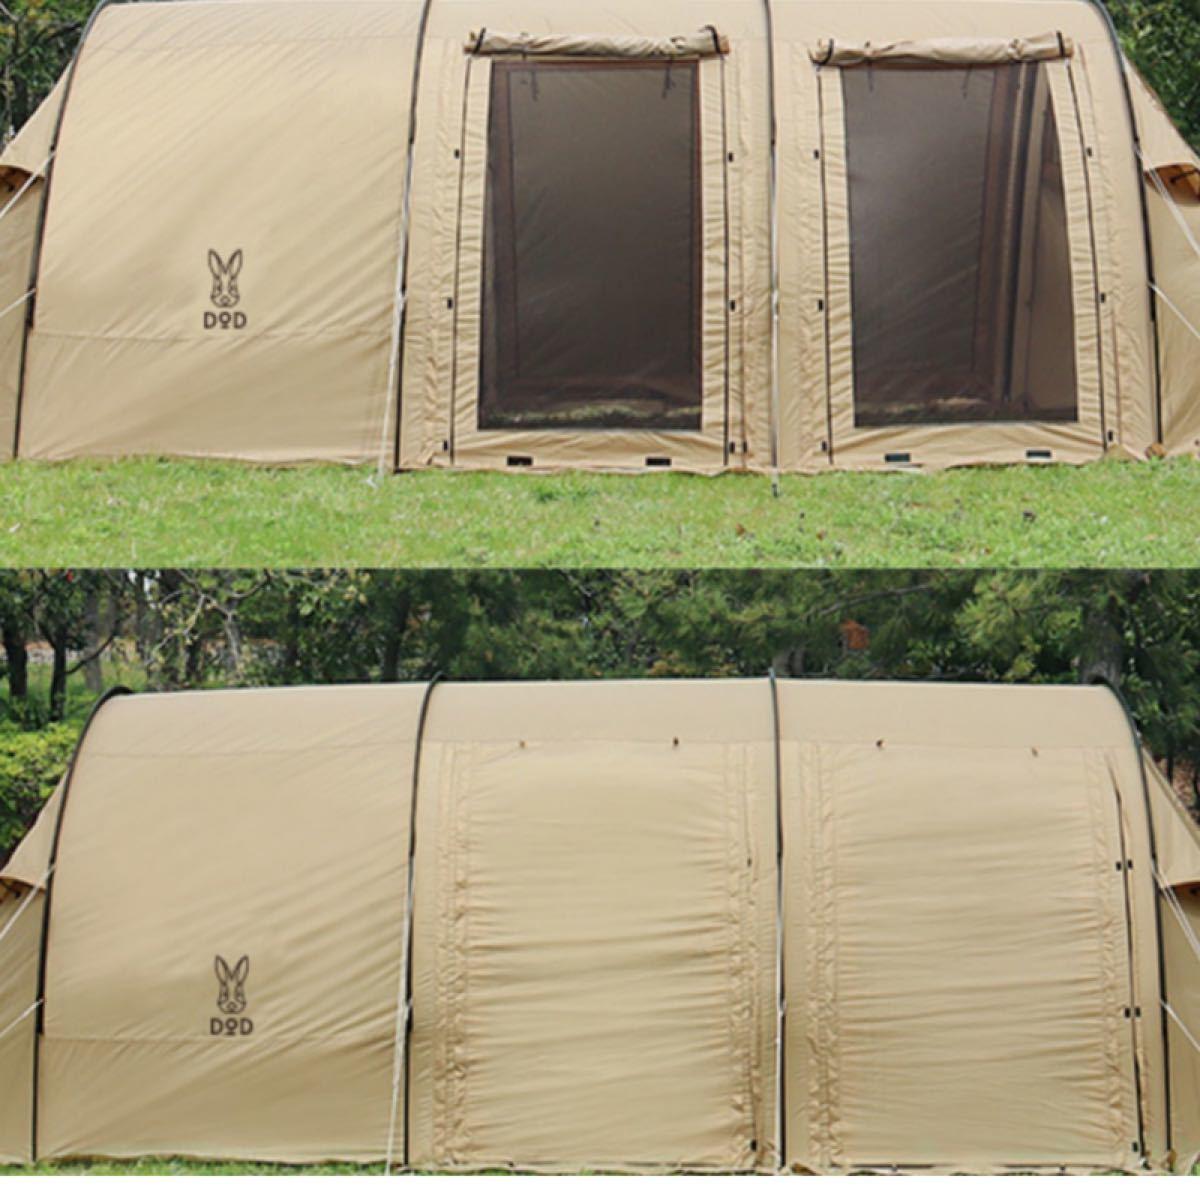 DOD カマボコテント2 タンカラー T5-489-TN キャンプ DODカマボコテント2 アウトドア